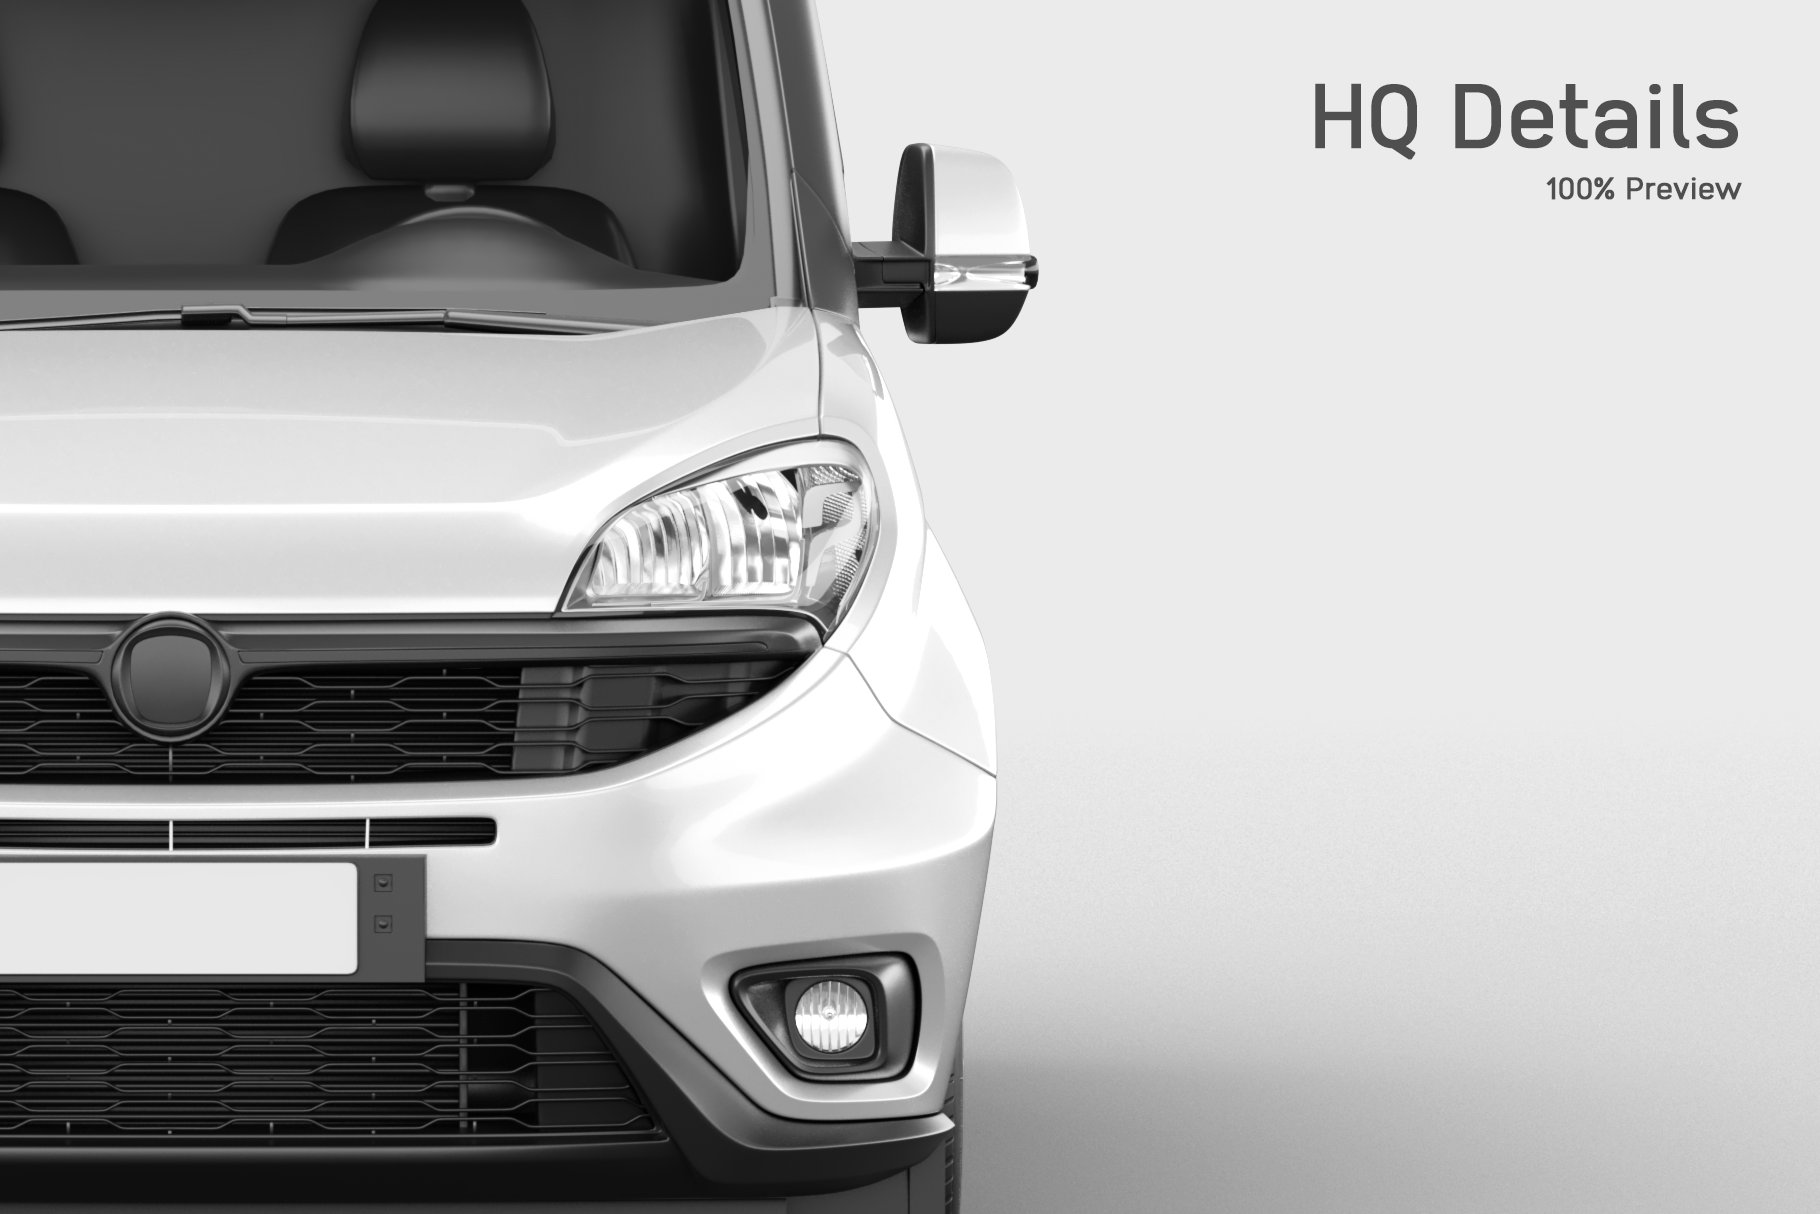 6款面包车小货车车身广告设计展示样机 Delivery Car Mockup 3插图(1)